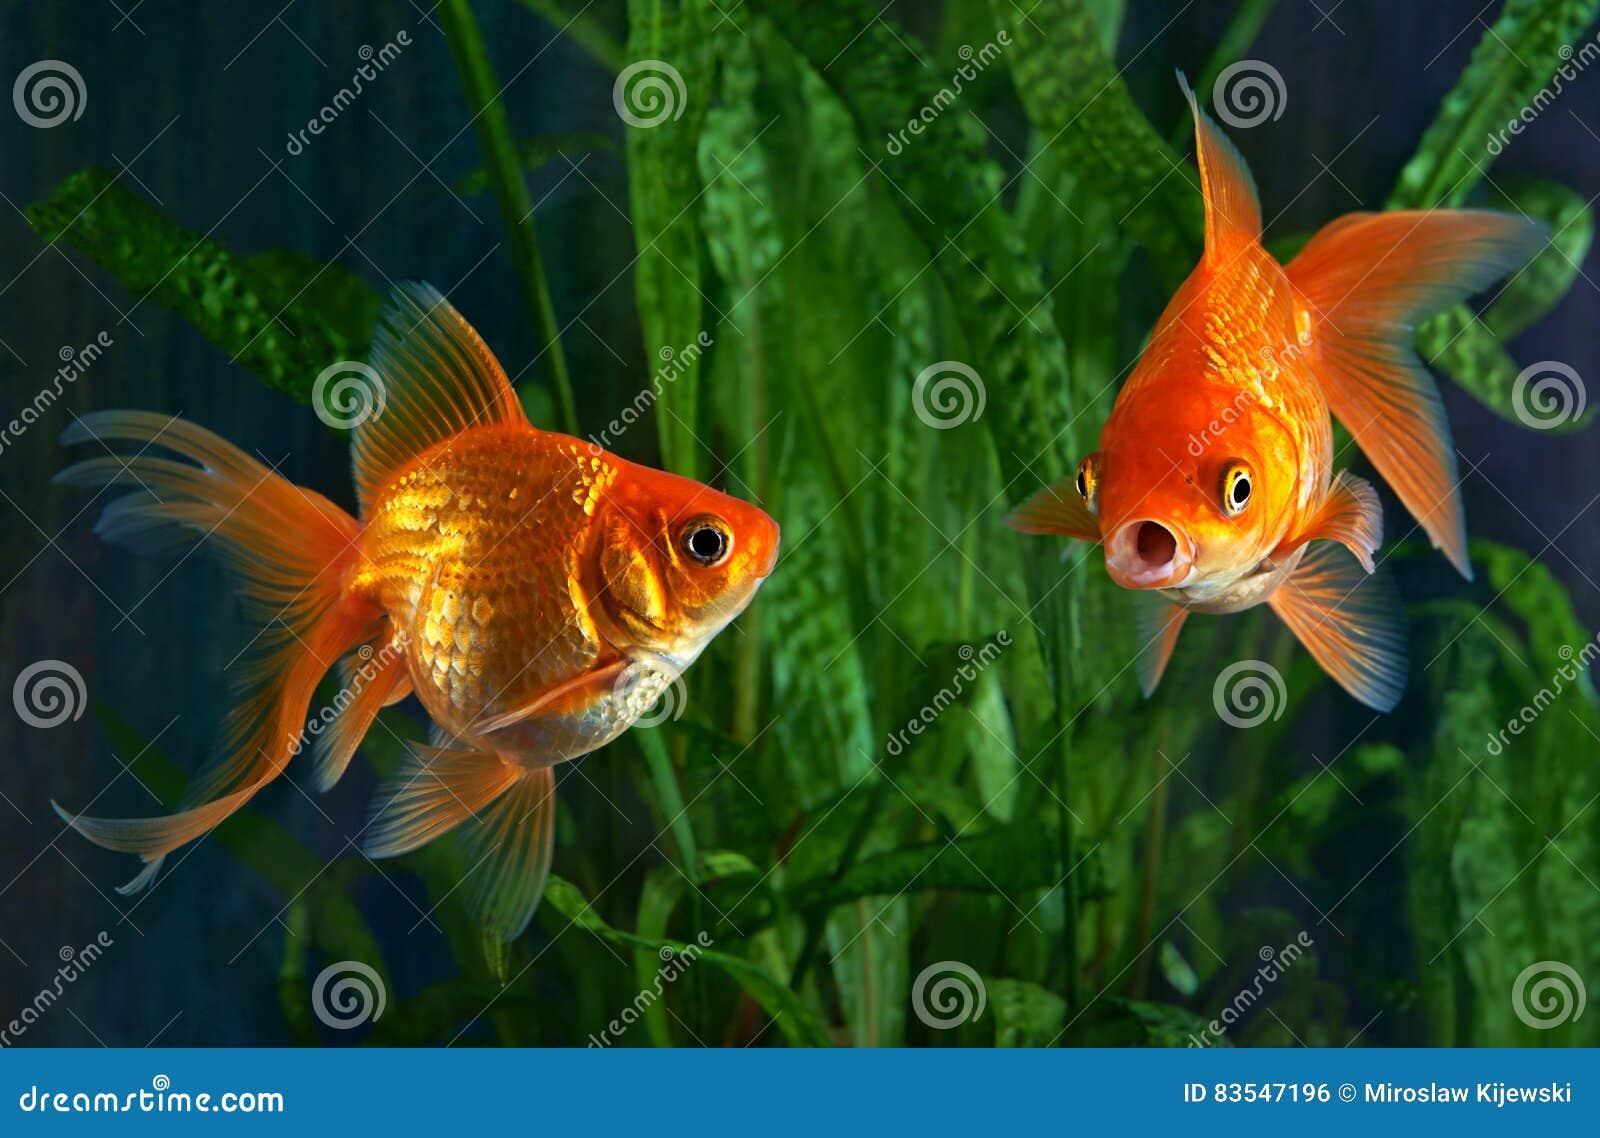 goldfisch aquarium algen stockfoto bild von gr n transparent 83547196. Black Bedroom Furniture Sets. Home Design Ideas